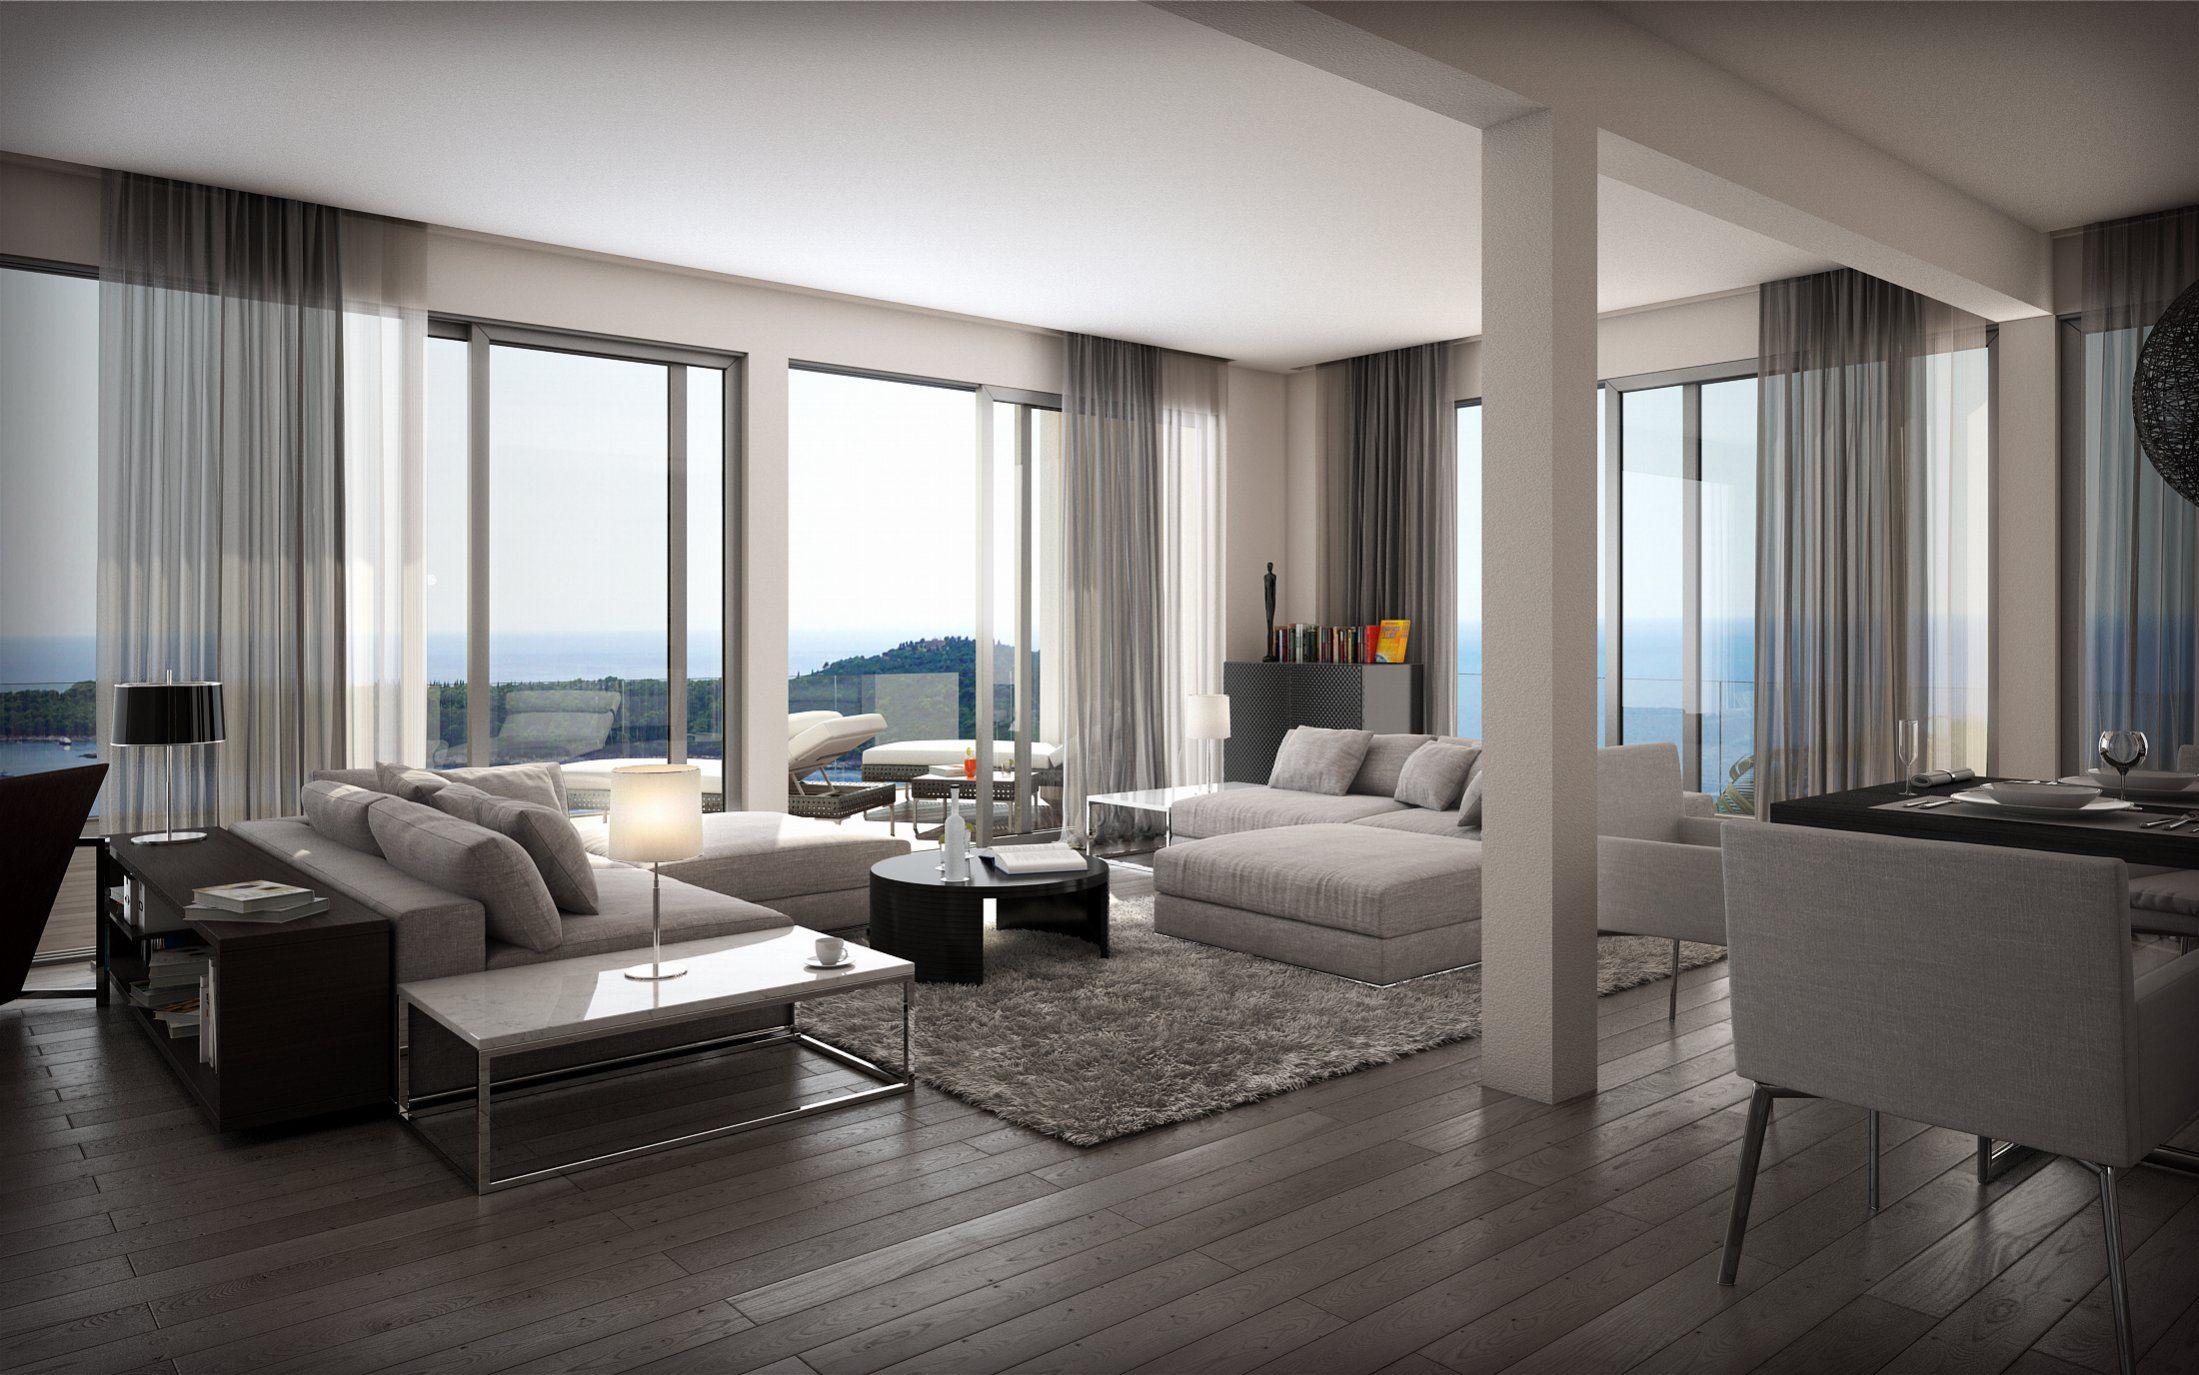 Inspiratie voor interieur home interior inspiration - Raumausstattung wohnzimmer ...